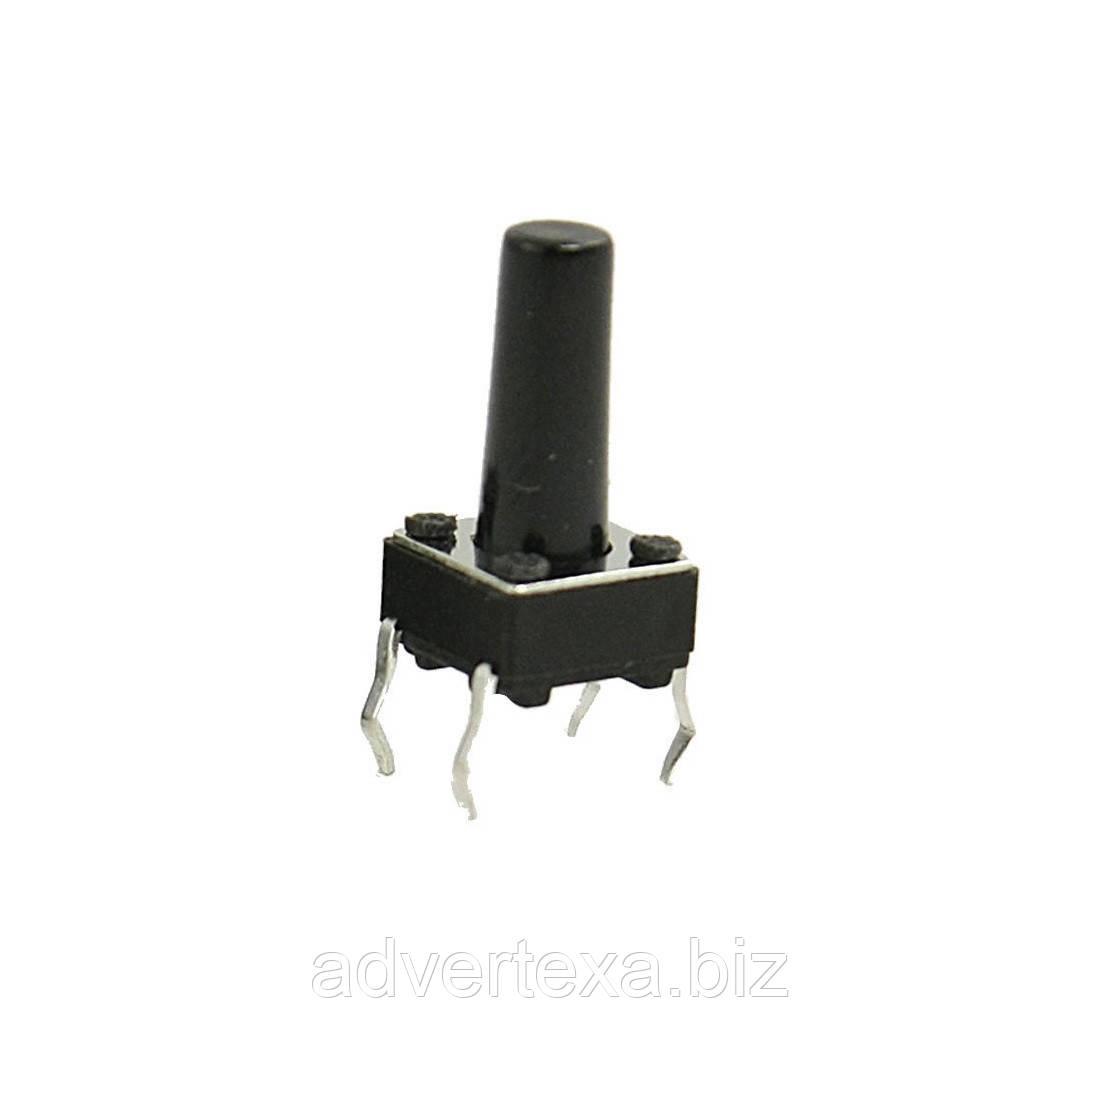 Кнопка DIP микро без фиксации 4 pin 6x6x10 мм